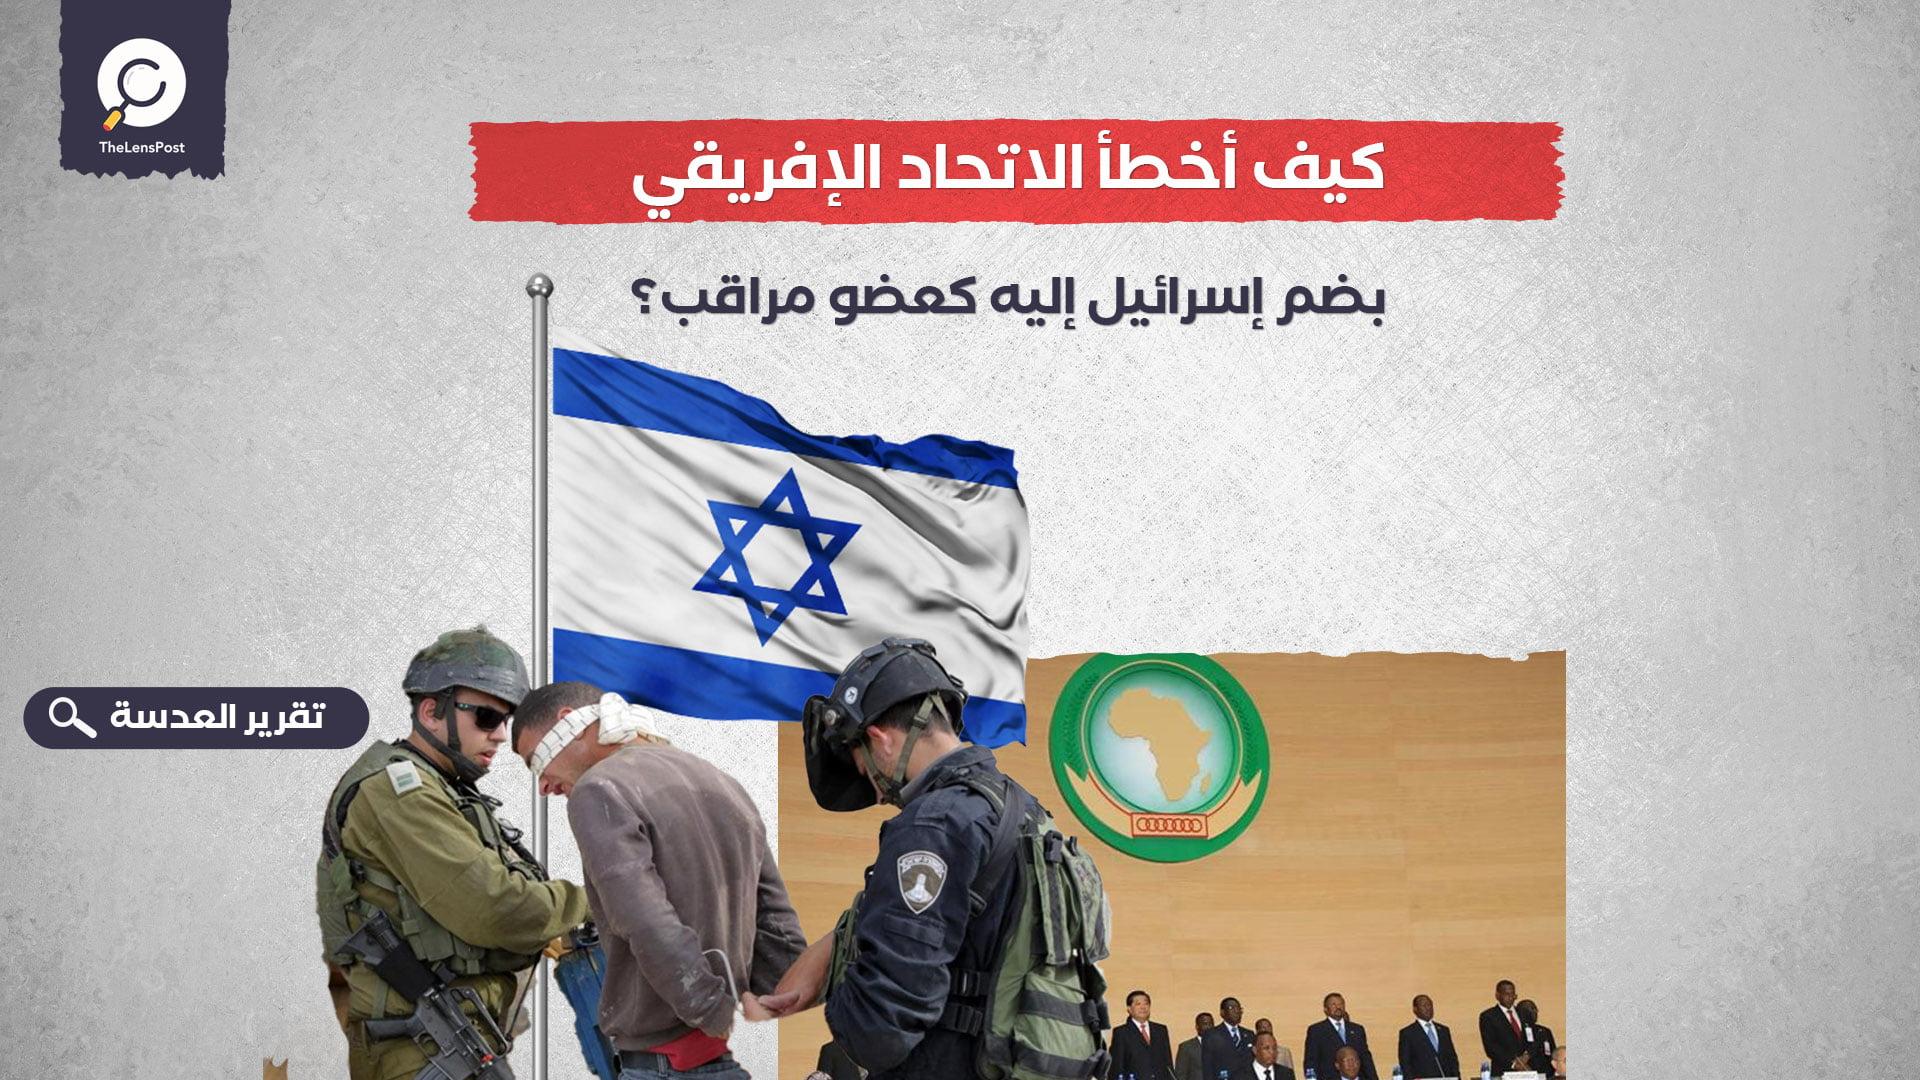 كيف أخطأ الاتحاد الإفريقي بضم إسرائيل إليه كعضو مراقب؟